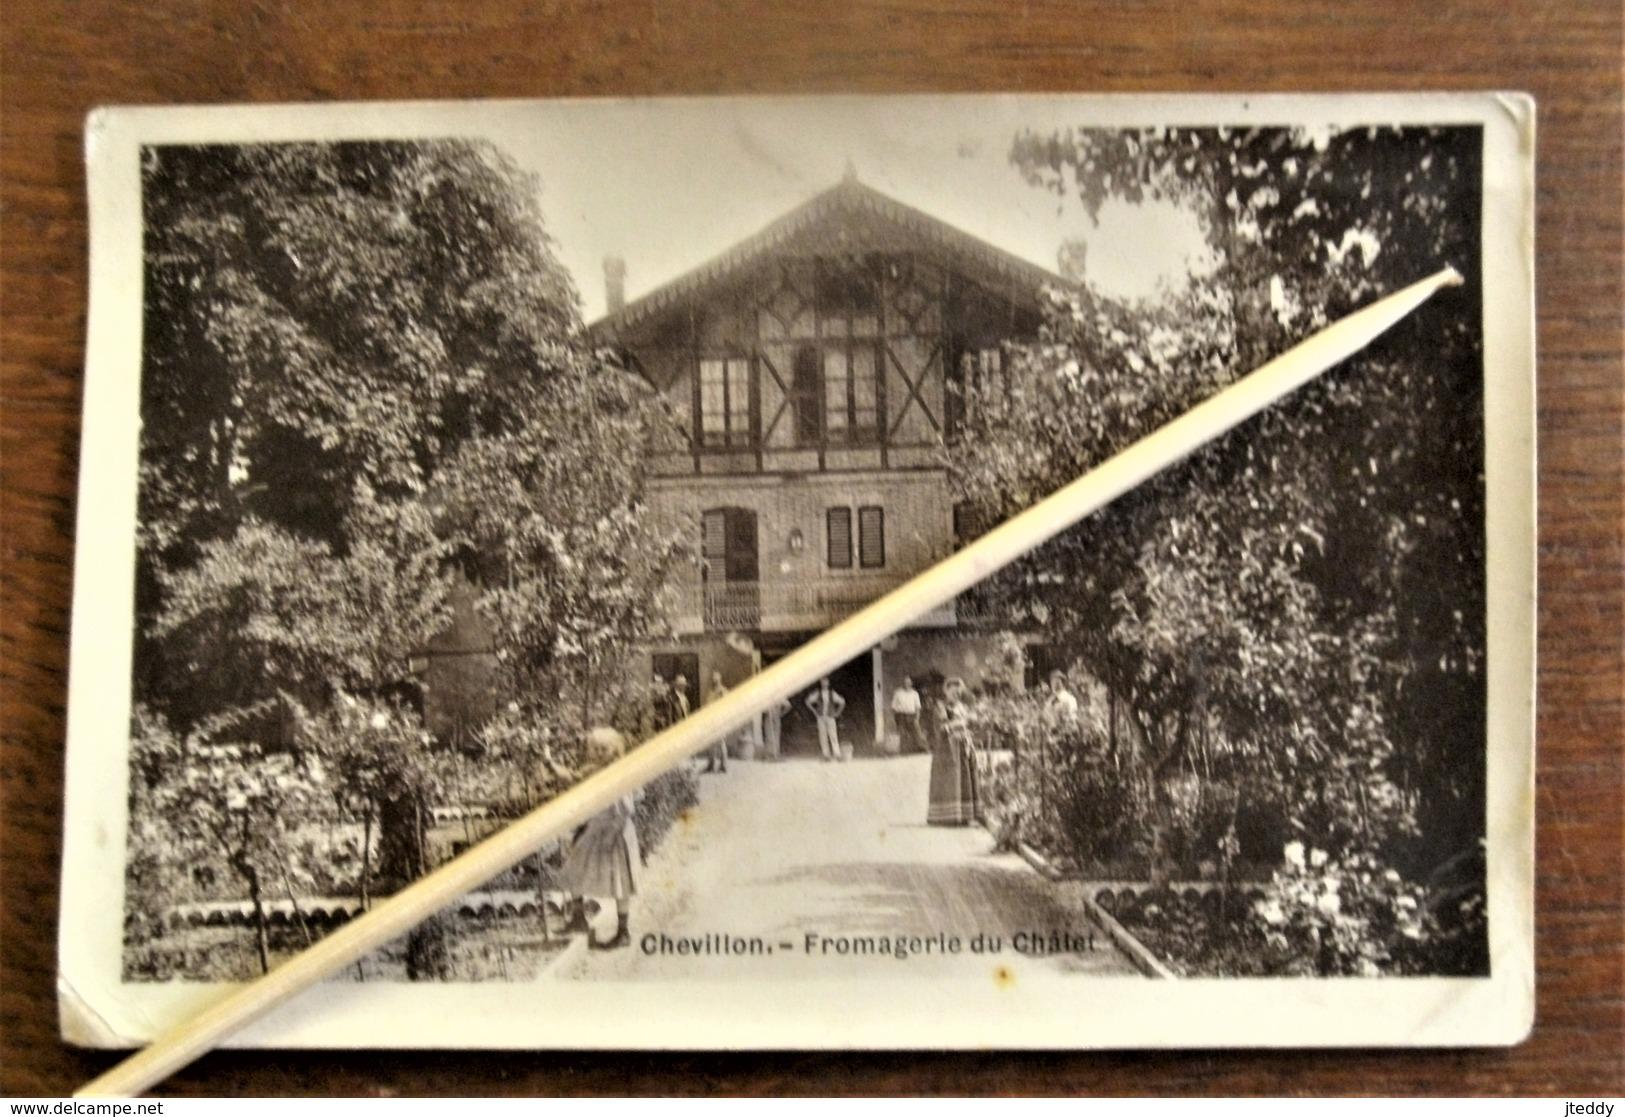 Oude Fotopostkaart 1909   Fromagerie Du Chalet  CHEVILLON  Frankrijk - Auxerre